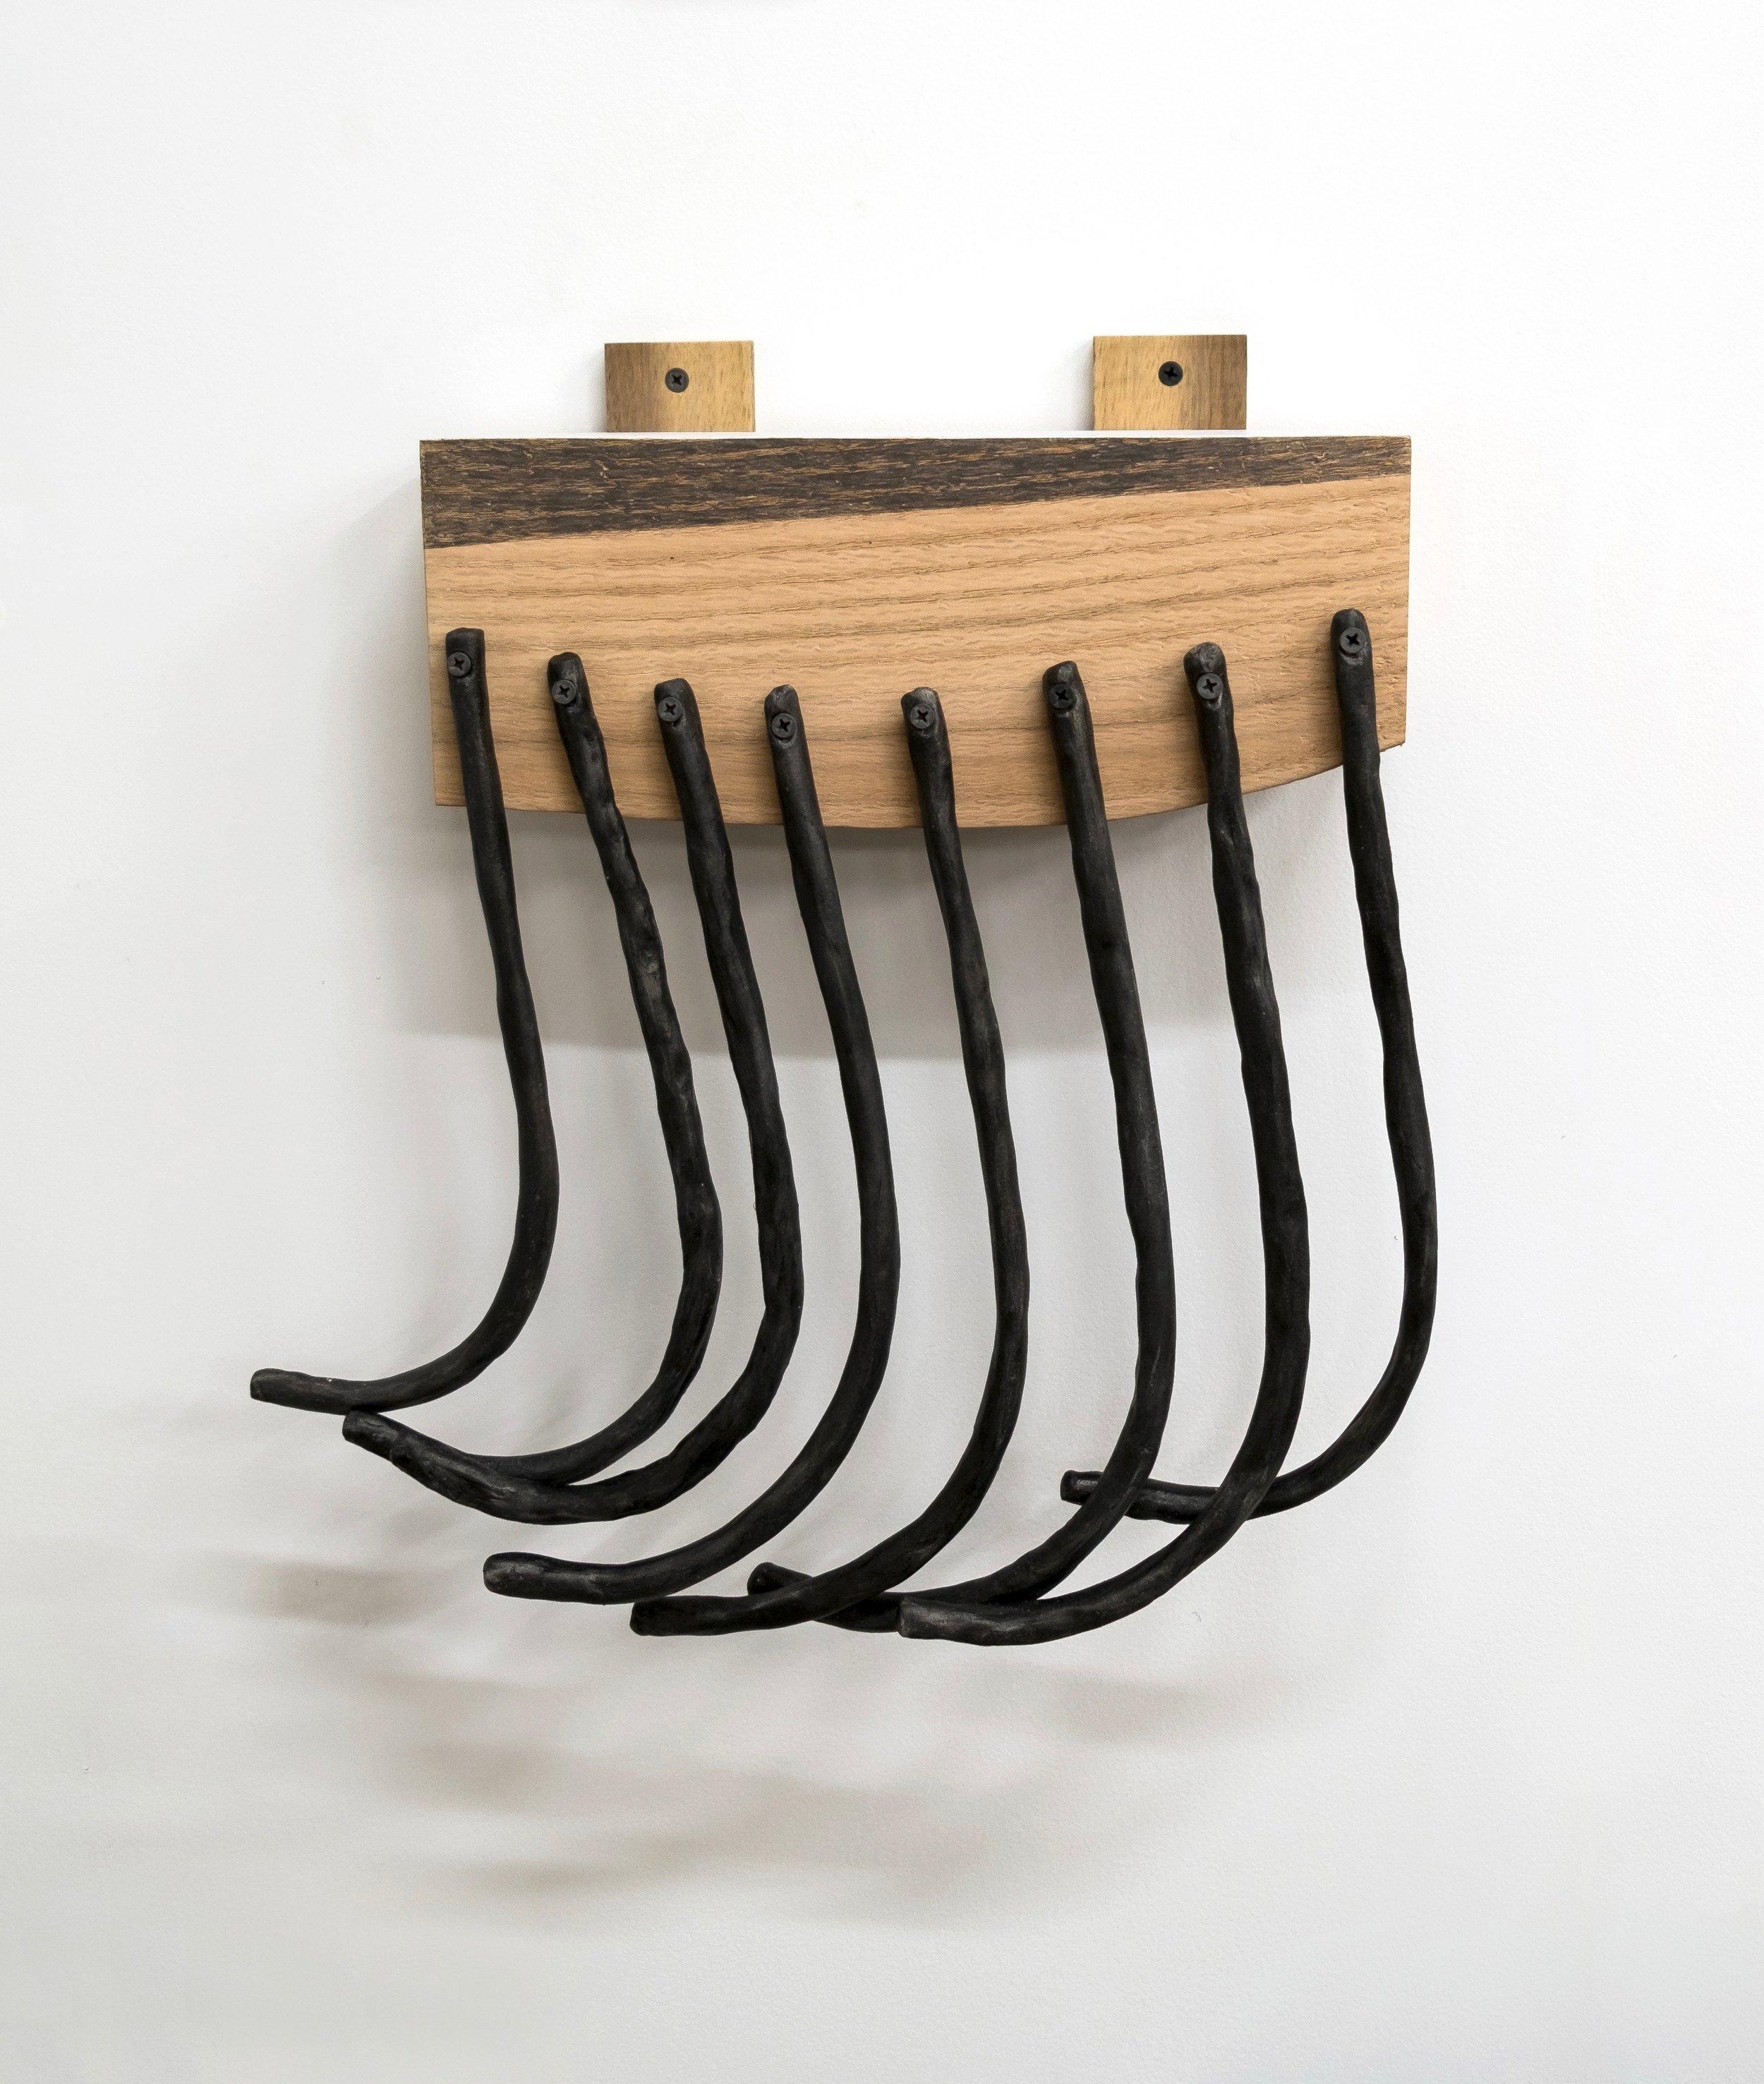 Untitled, 2019, earthenware, ink, wood, screws